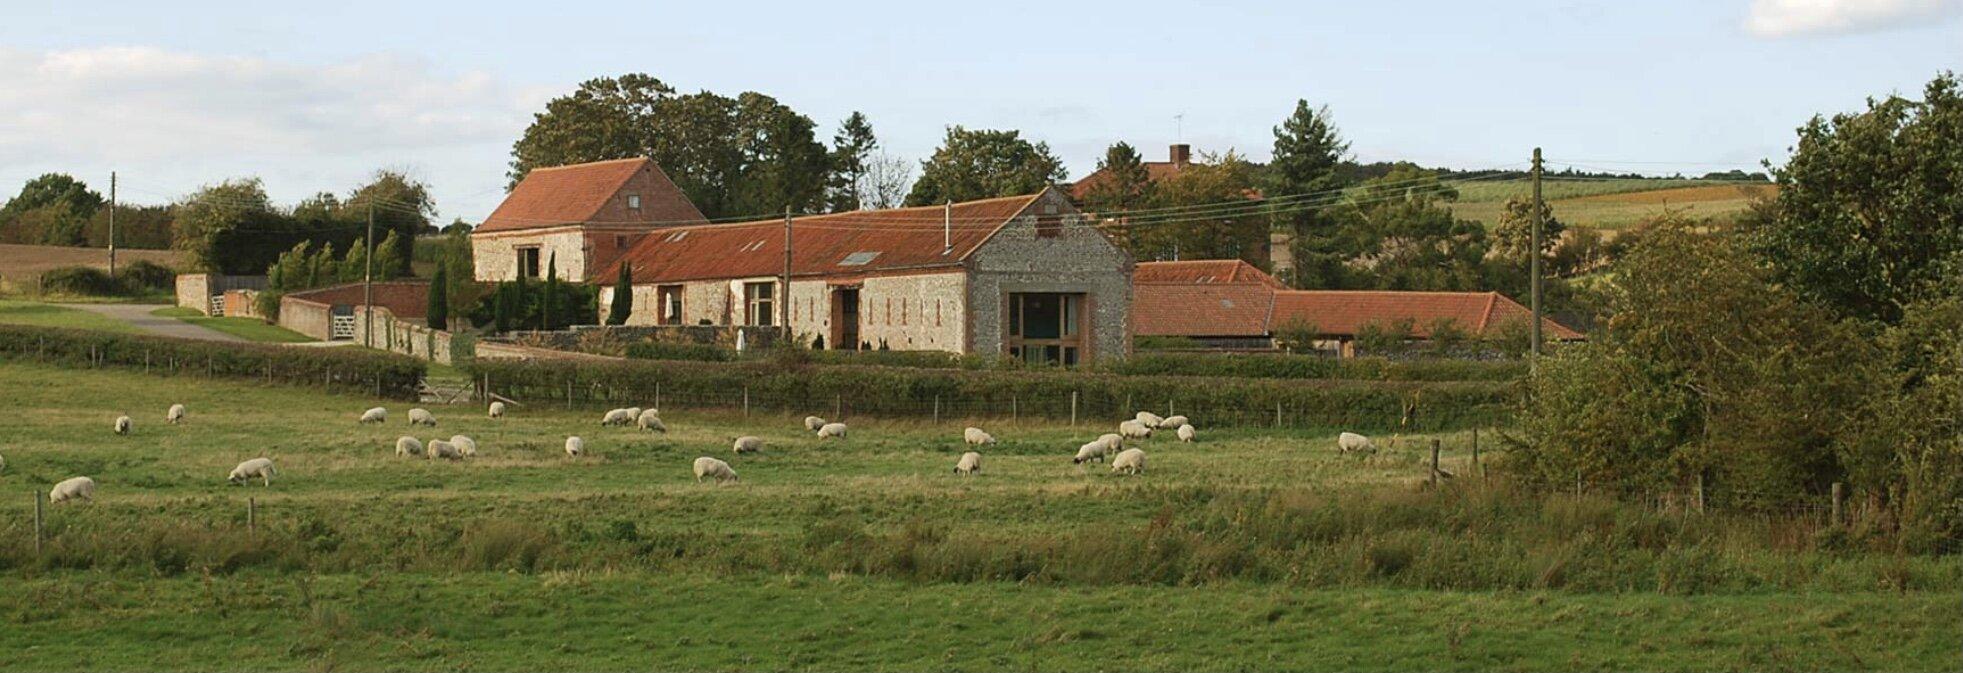 Barsham Barns